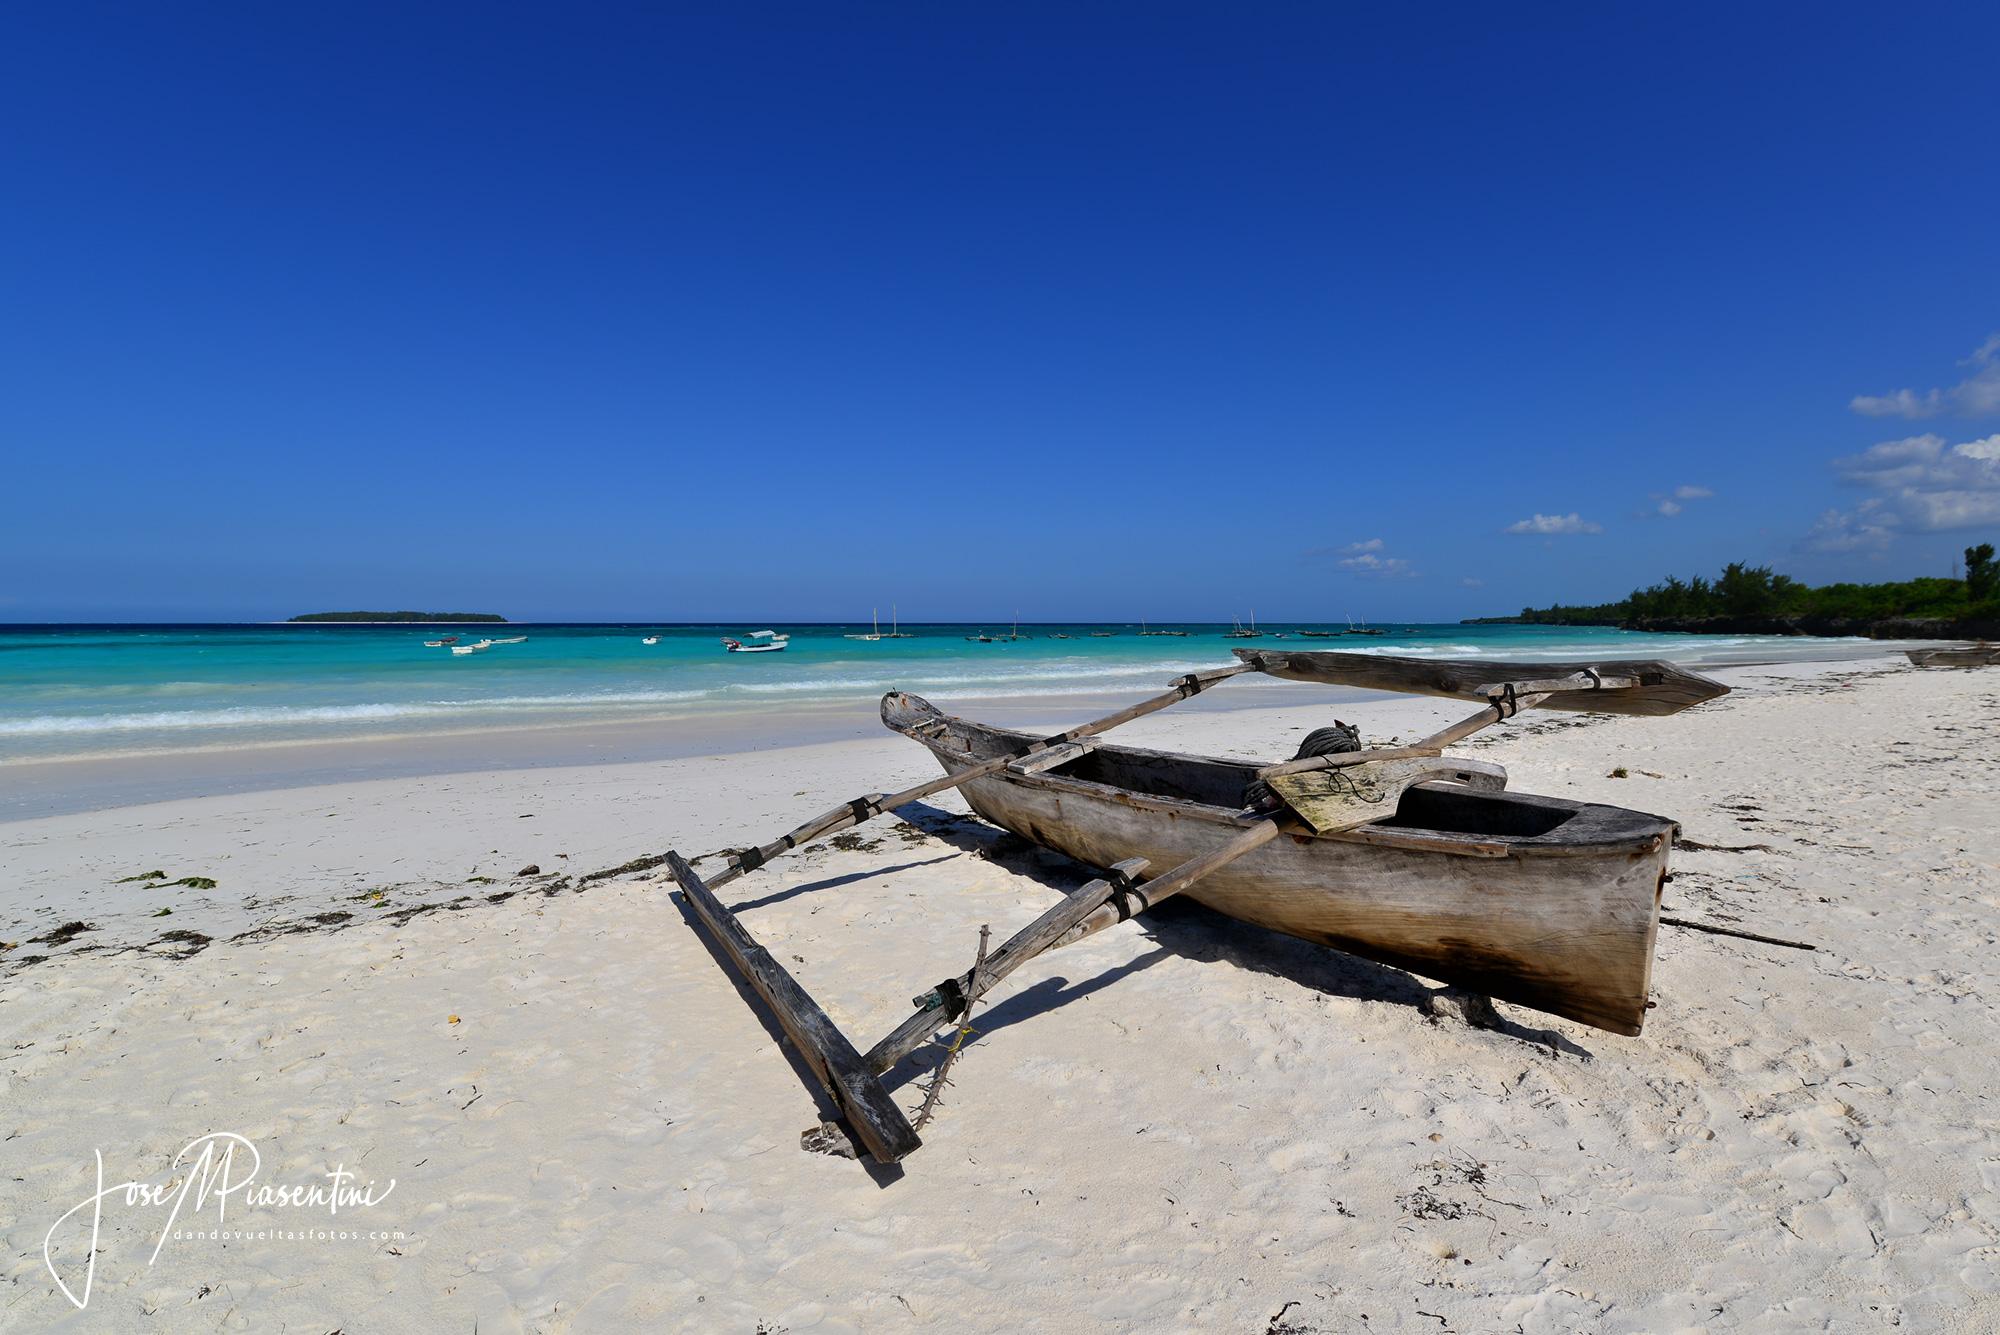 la barca tipica de zanzibar es el dhow